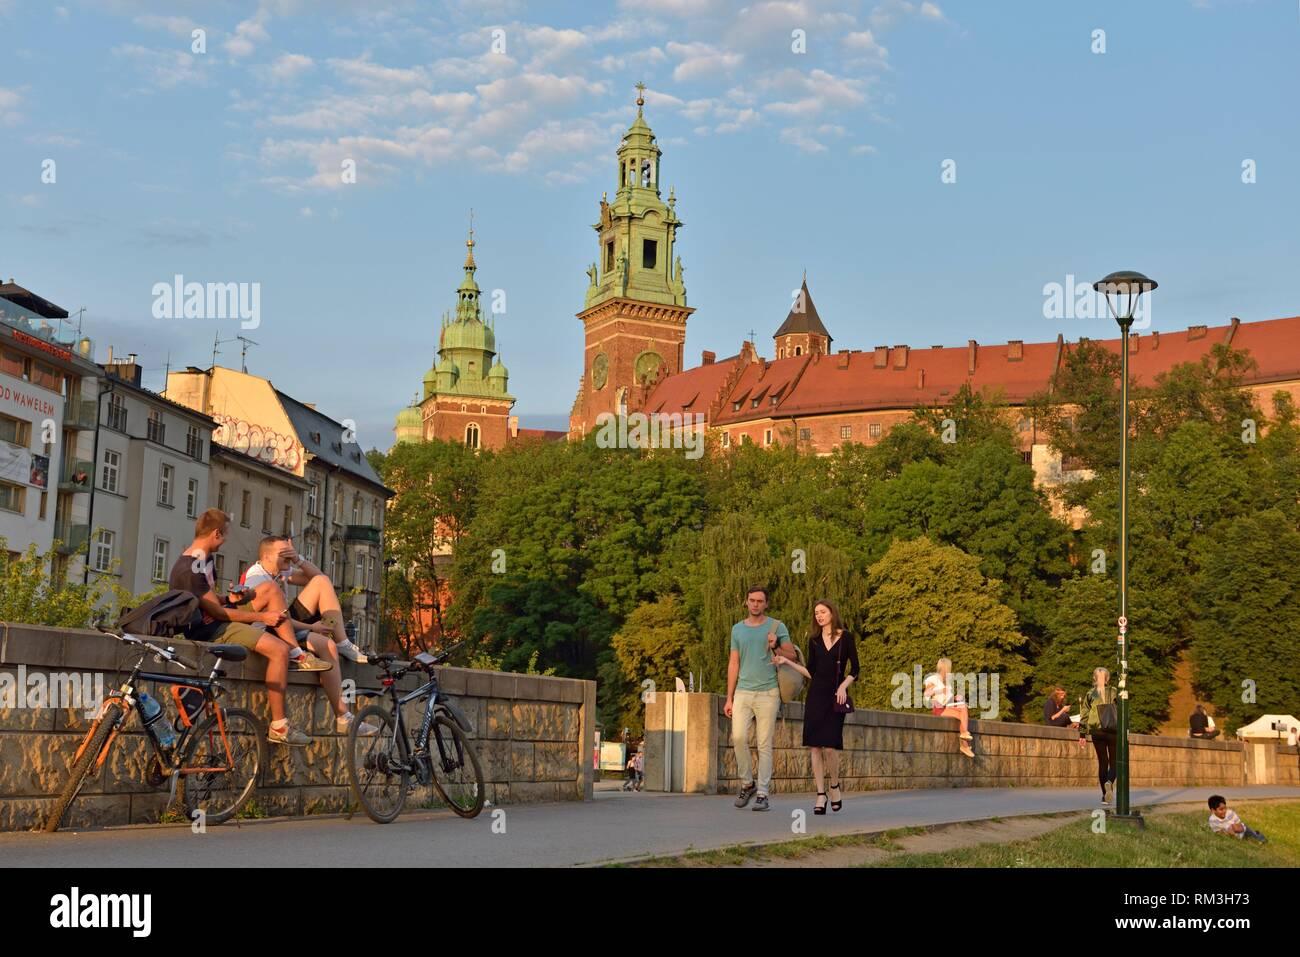 Bürgersteig entlang der Weichsel am Fuße des Wawel, Malopolska Provinz (Kleinpolen), Polen, in Mitteleuropa. Stockbild